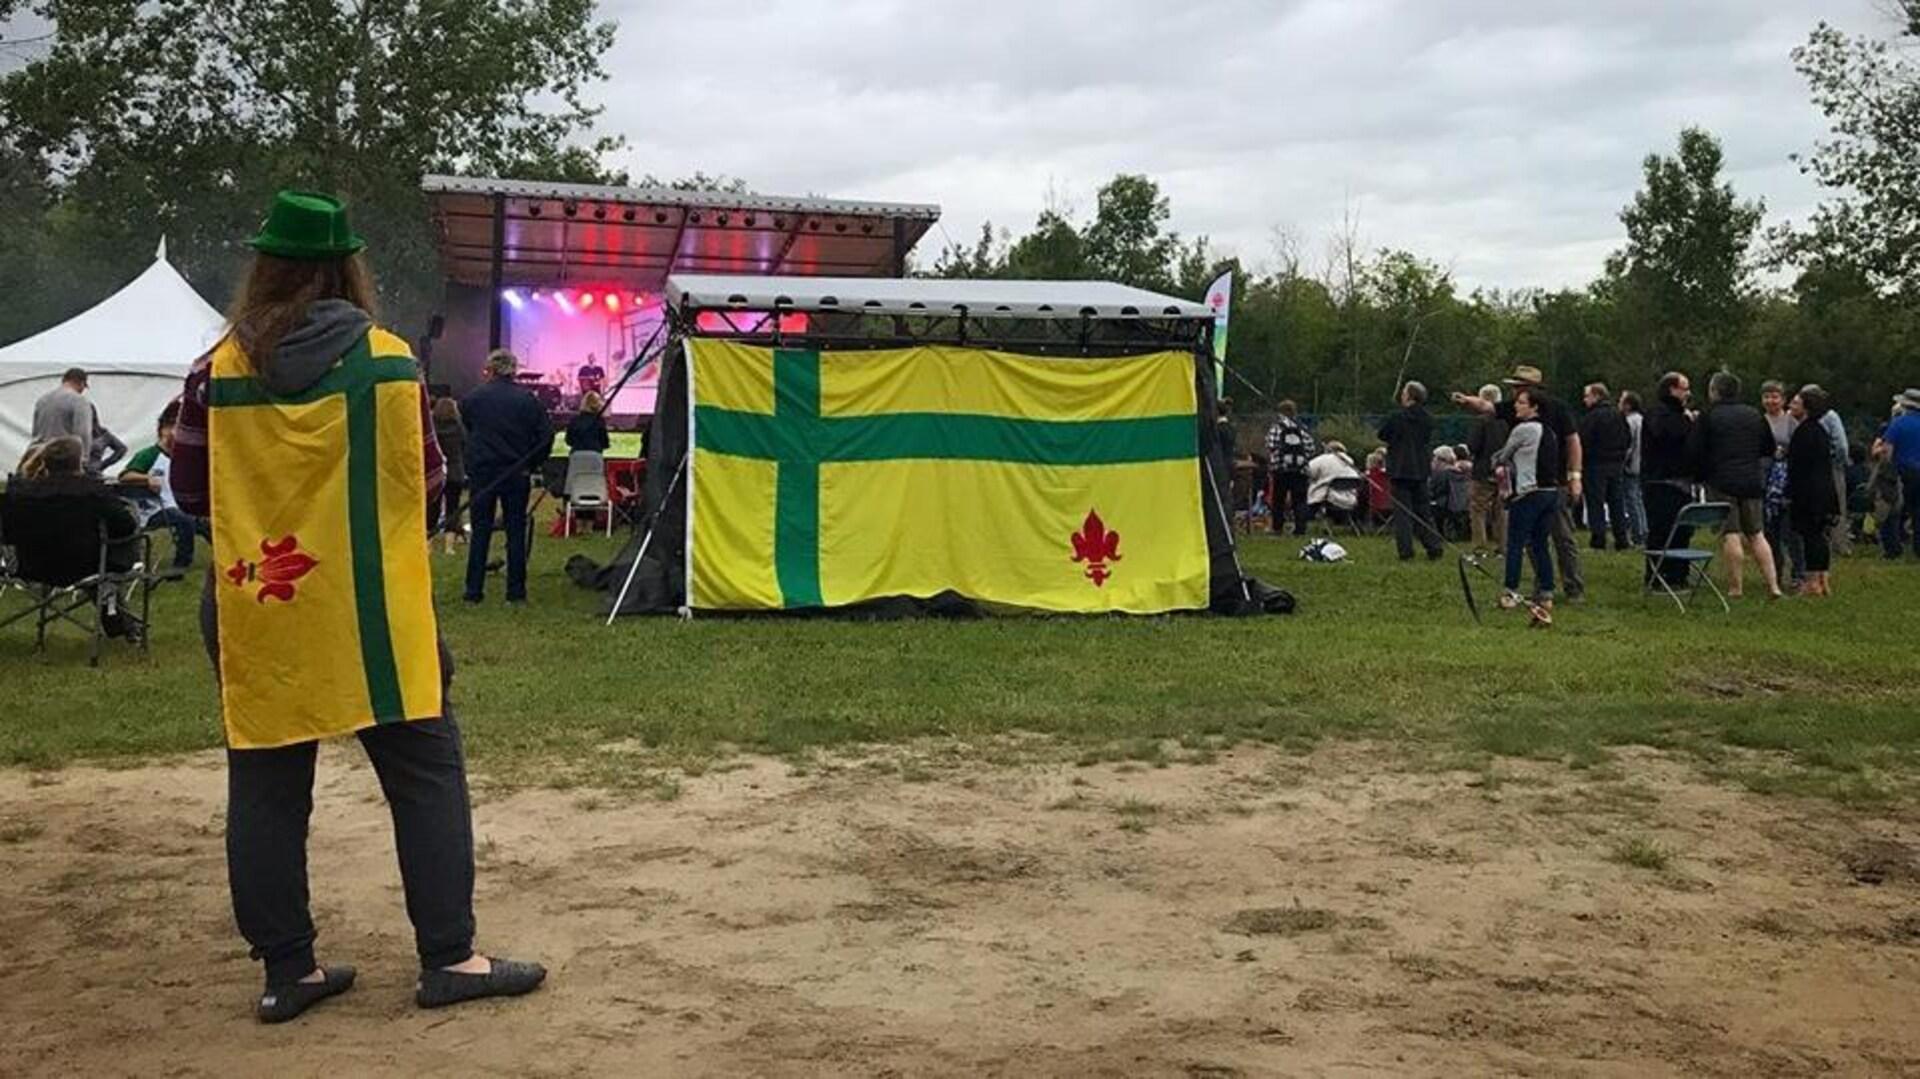 Festivalier arborant le drapeau fransaskois sur le site du festival.